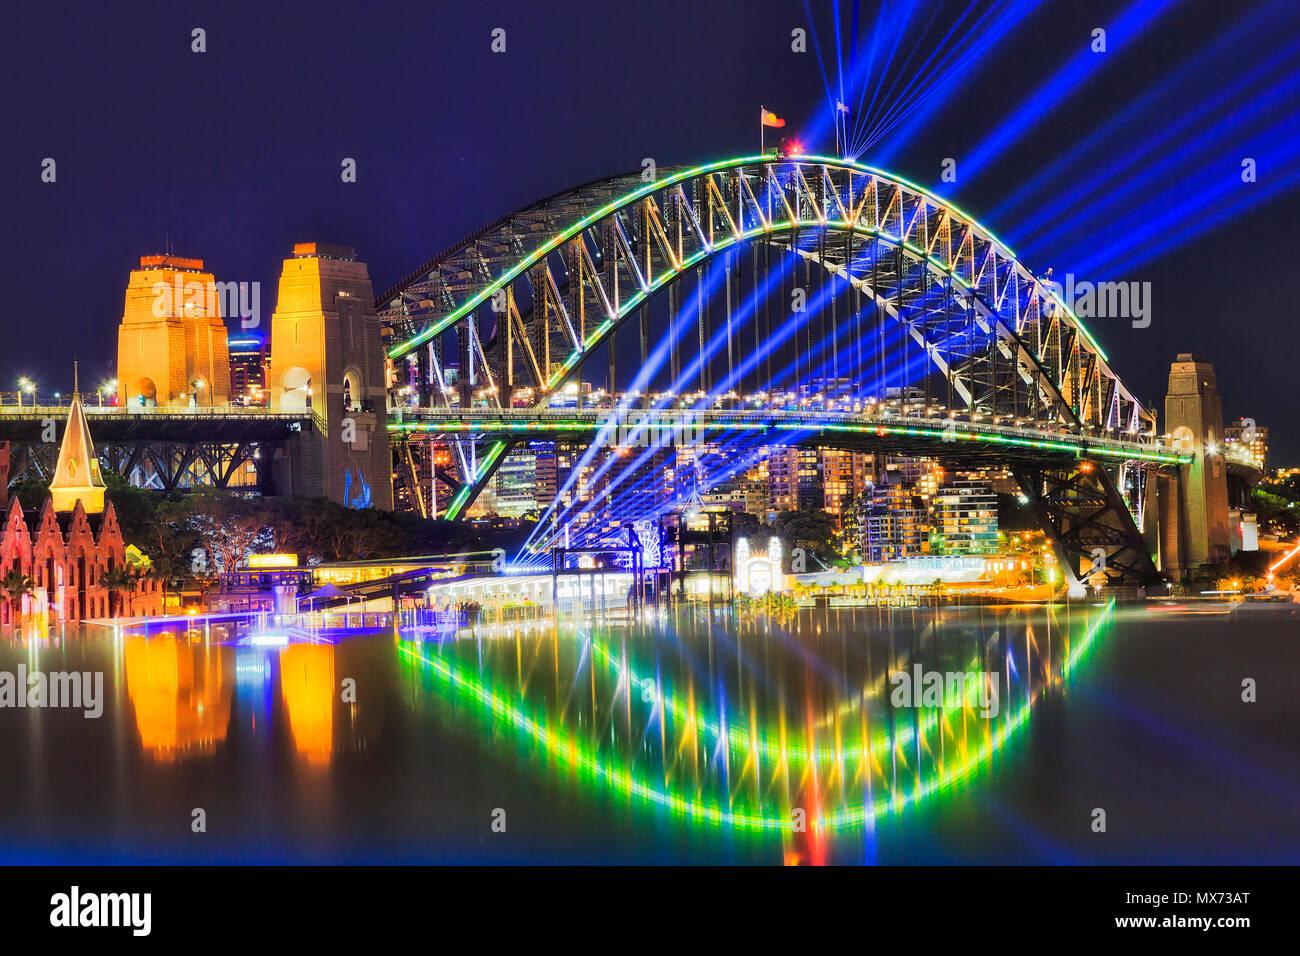 Los haces de láser azul brillante bajo el arco del puente del puerto de Sydney durante la vívida luz Sydney show festival con el reflejo de las luces. Foto de stock